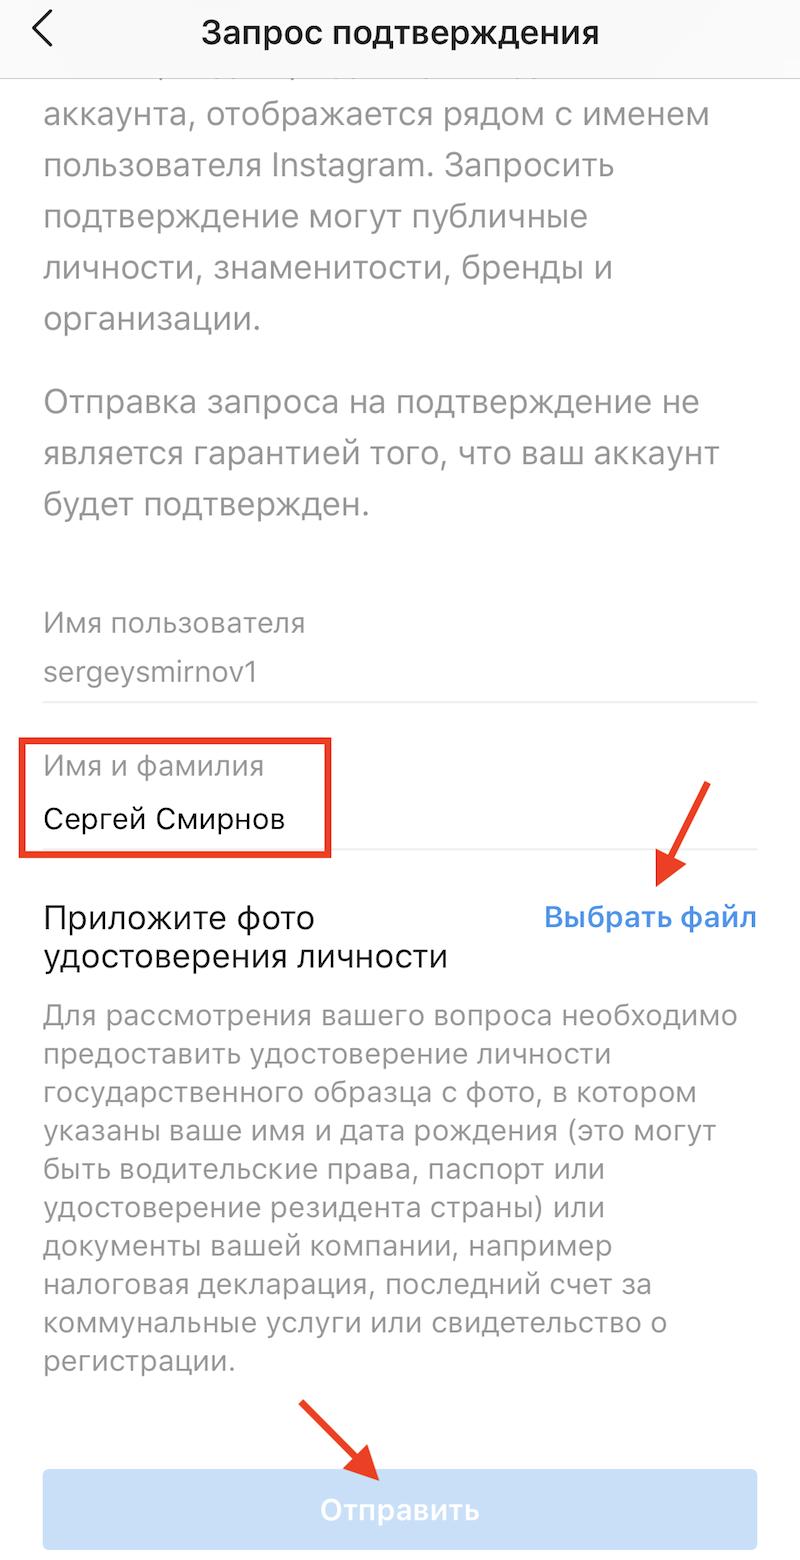 имя пользователя для подтверждения в инстаграме